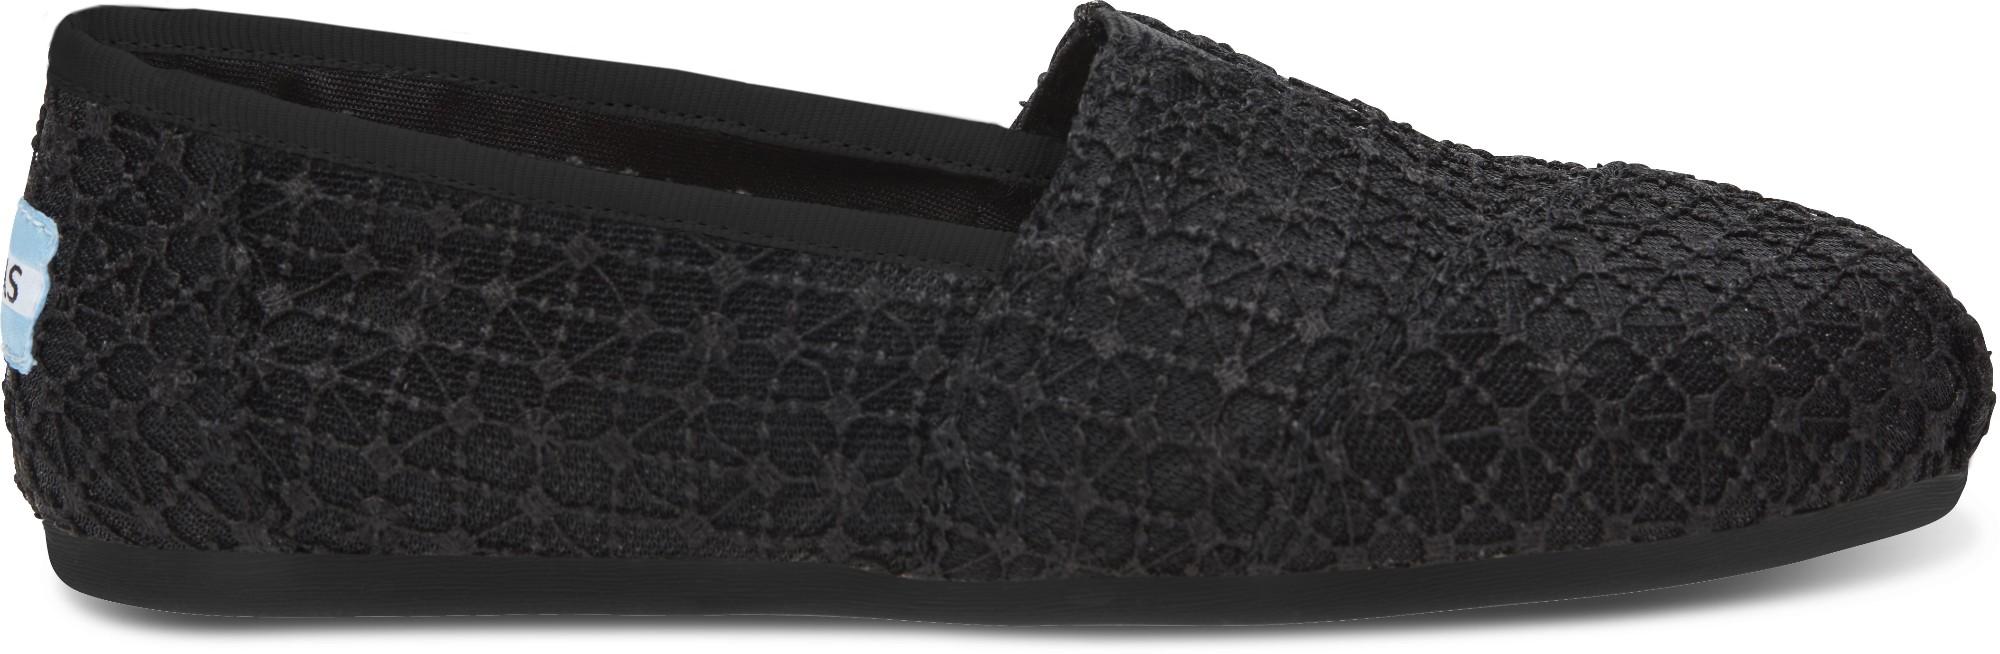 TOMS Crochet Lace Women's Alpargata Black 37,5